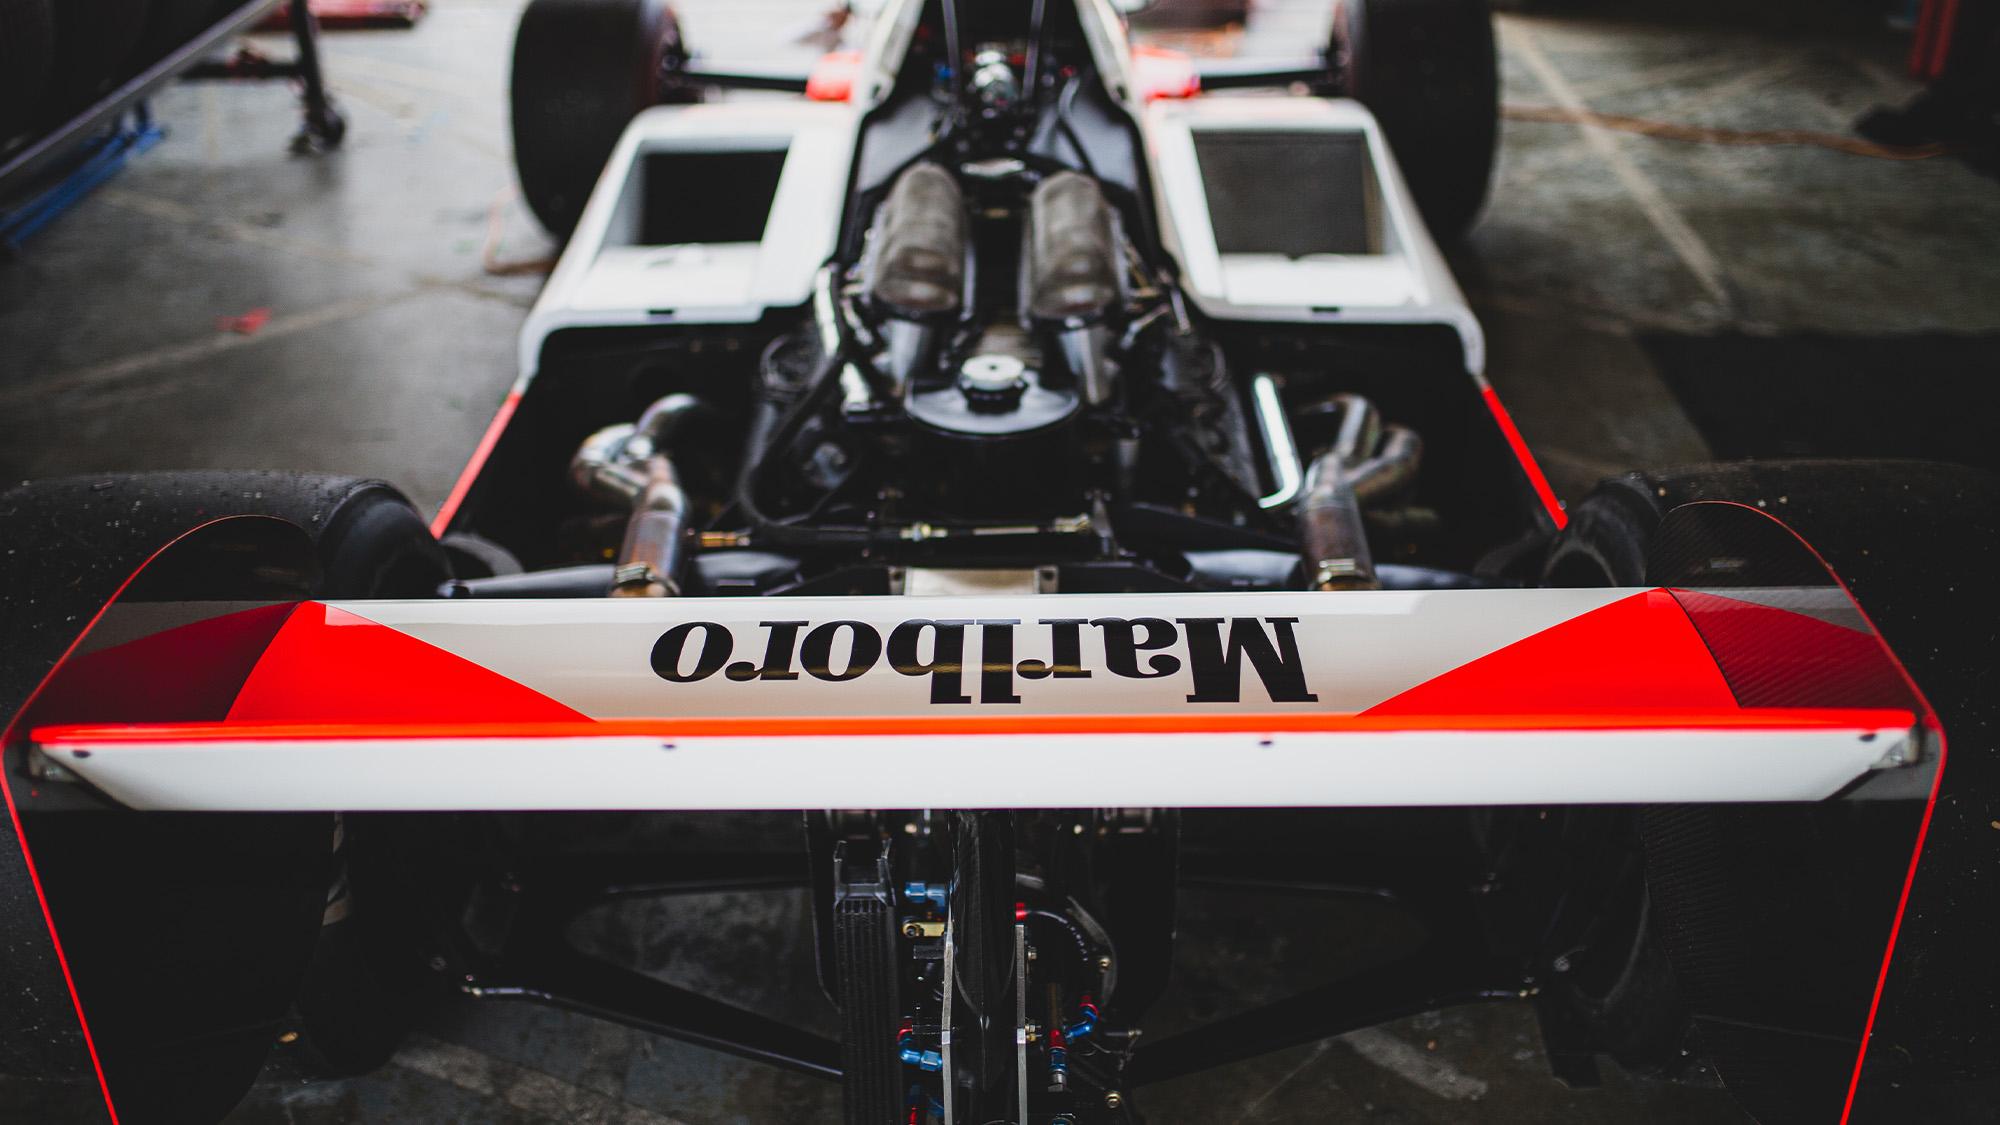 Steve Hartley McLaren MP4-1 at Brands Hatch 2021 - rear wing